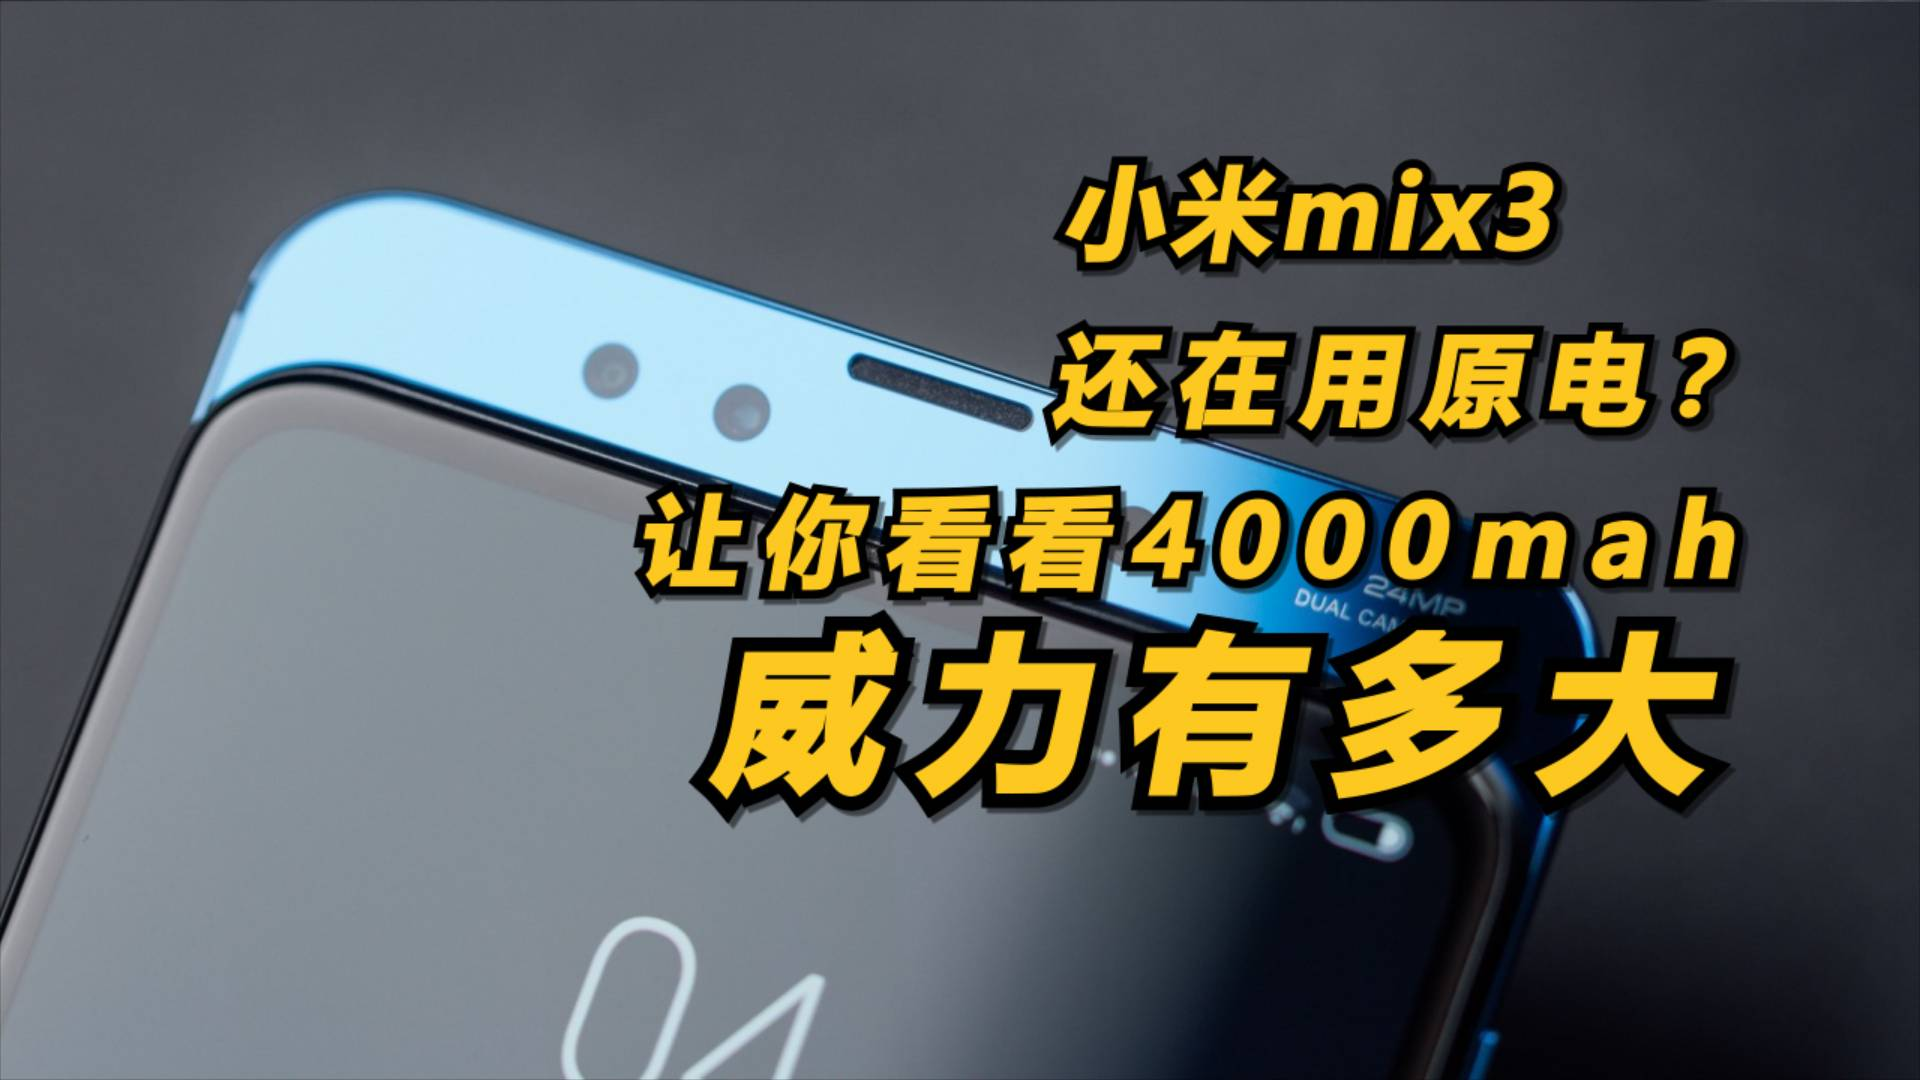 小米mix3还在用原电?让你看看4000mah威力有多大!